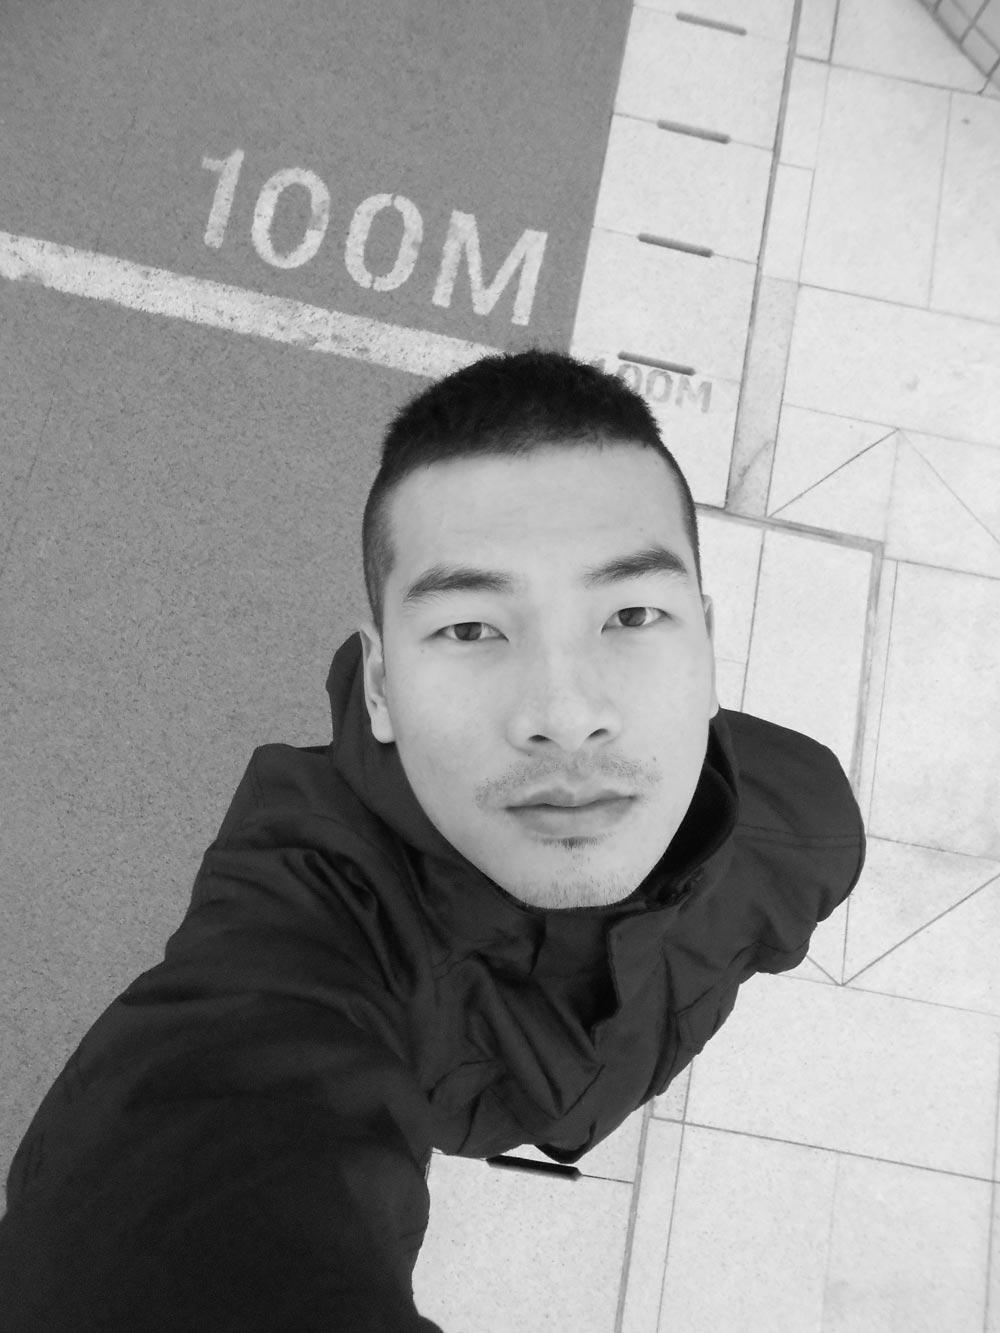 eden-some-selfie